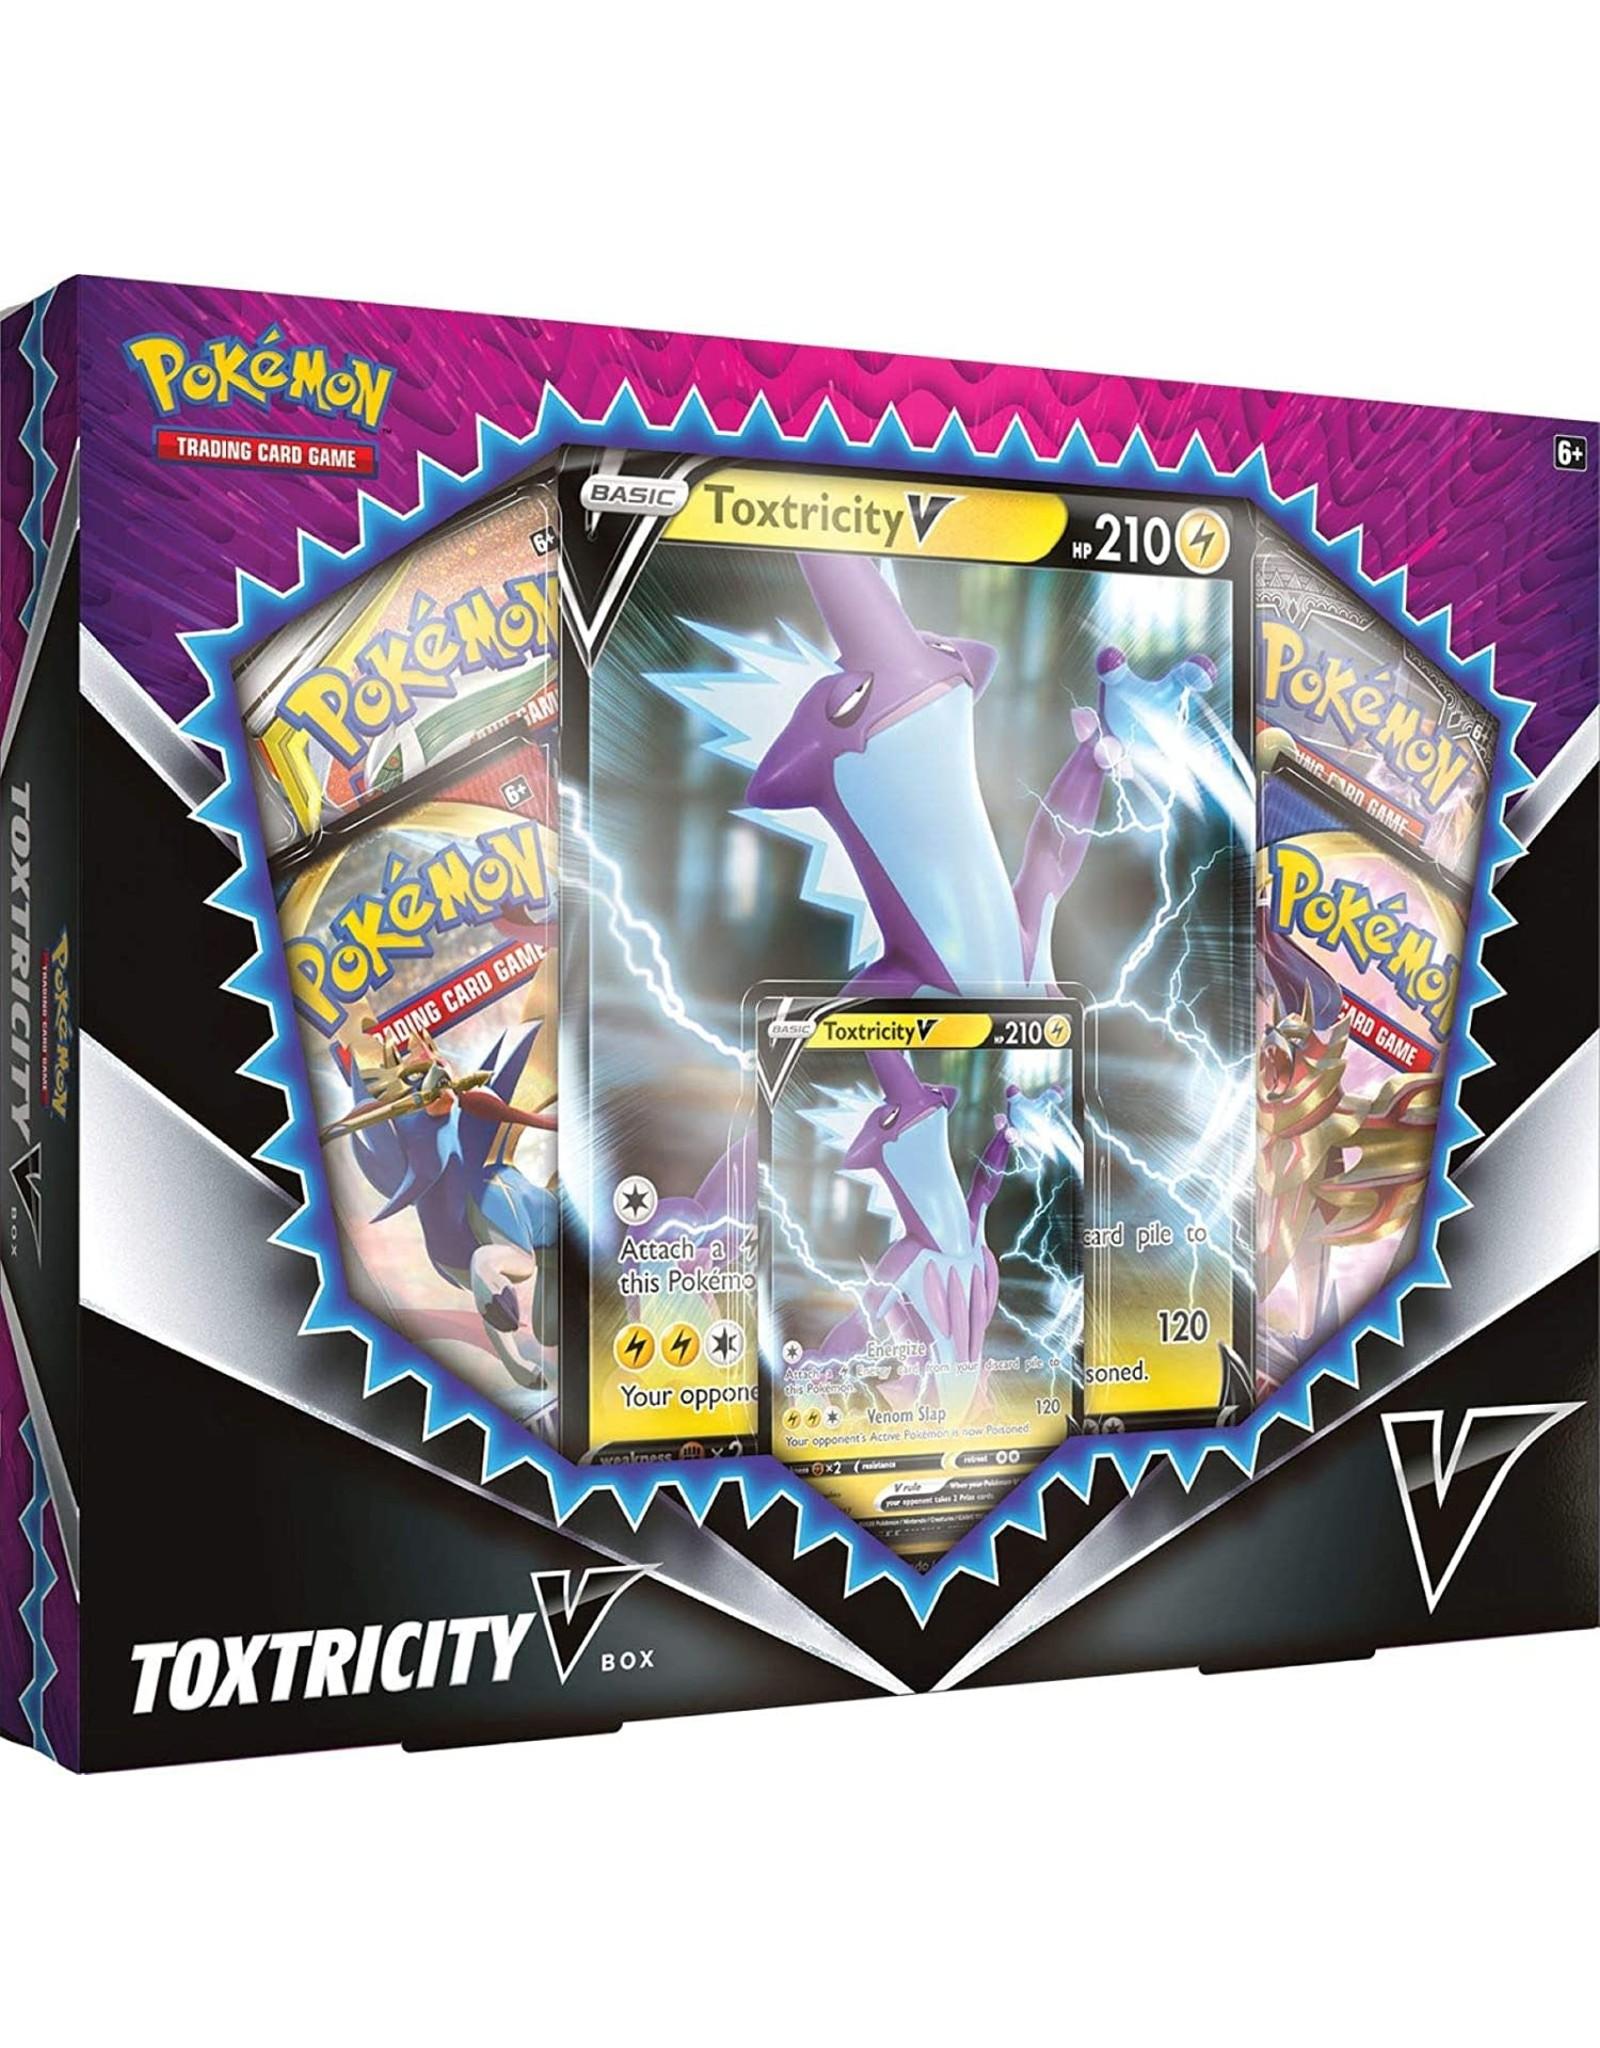 The Pokemon Company Pokémon TCG: Toxtricity V Box